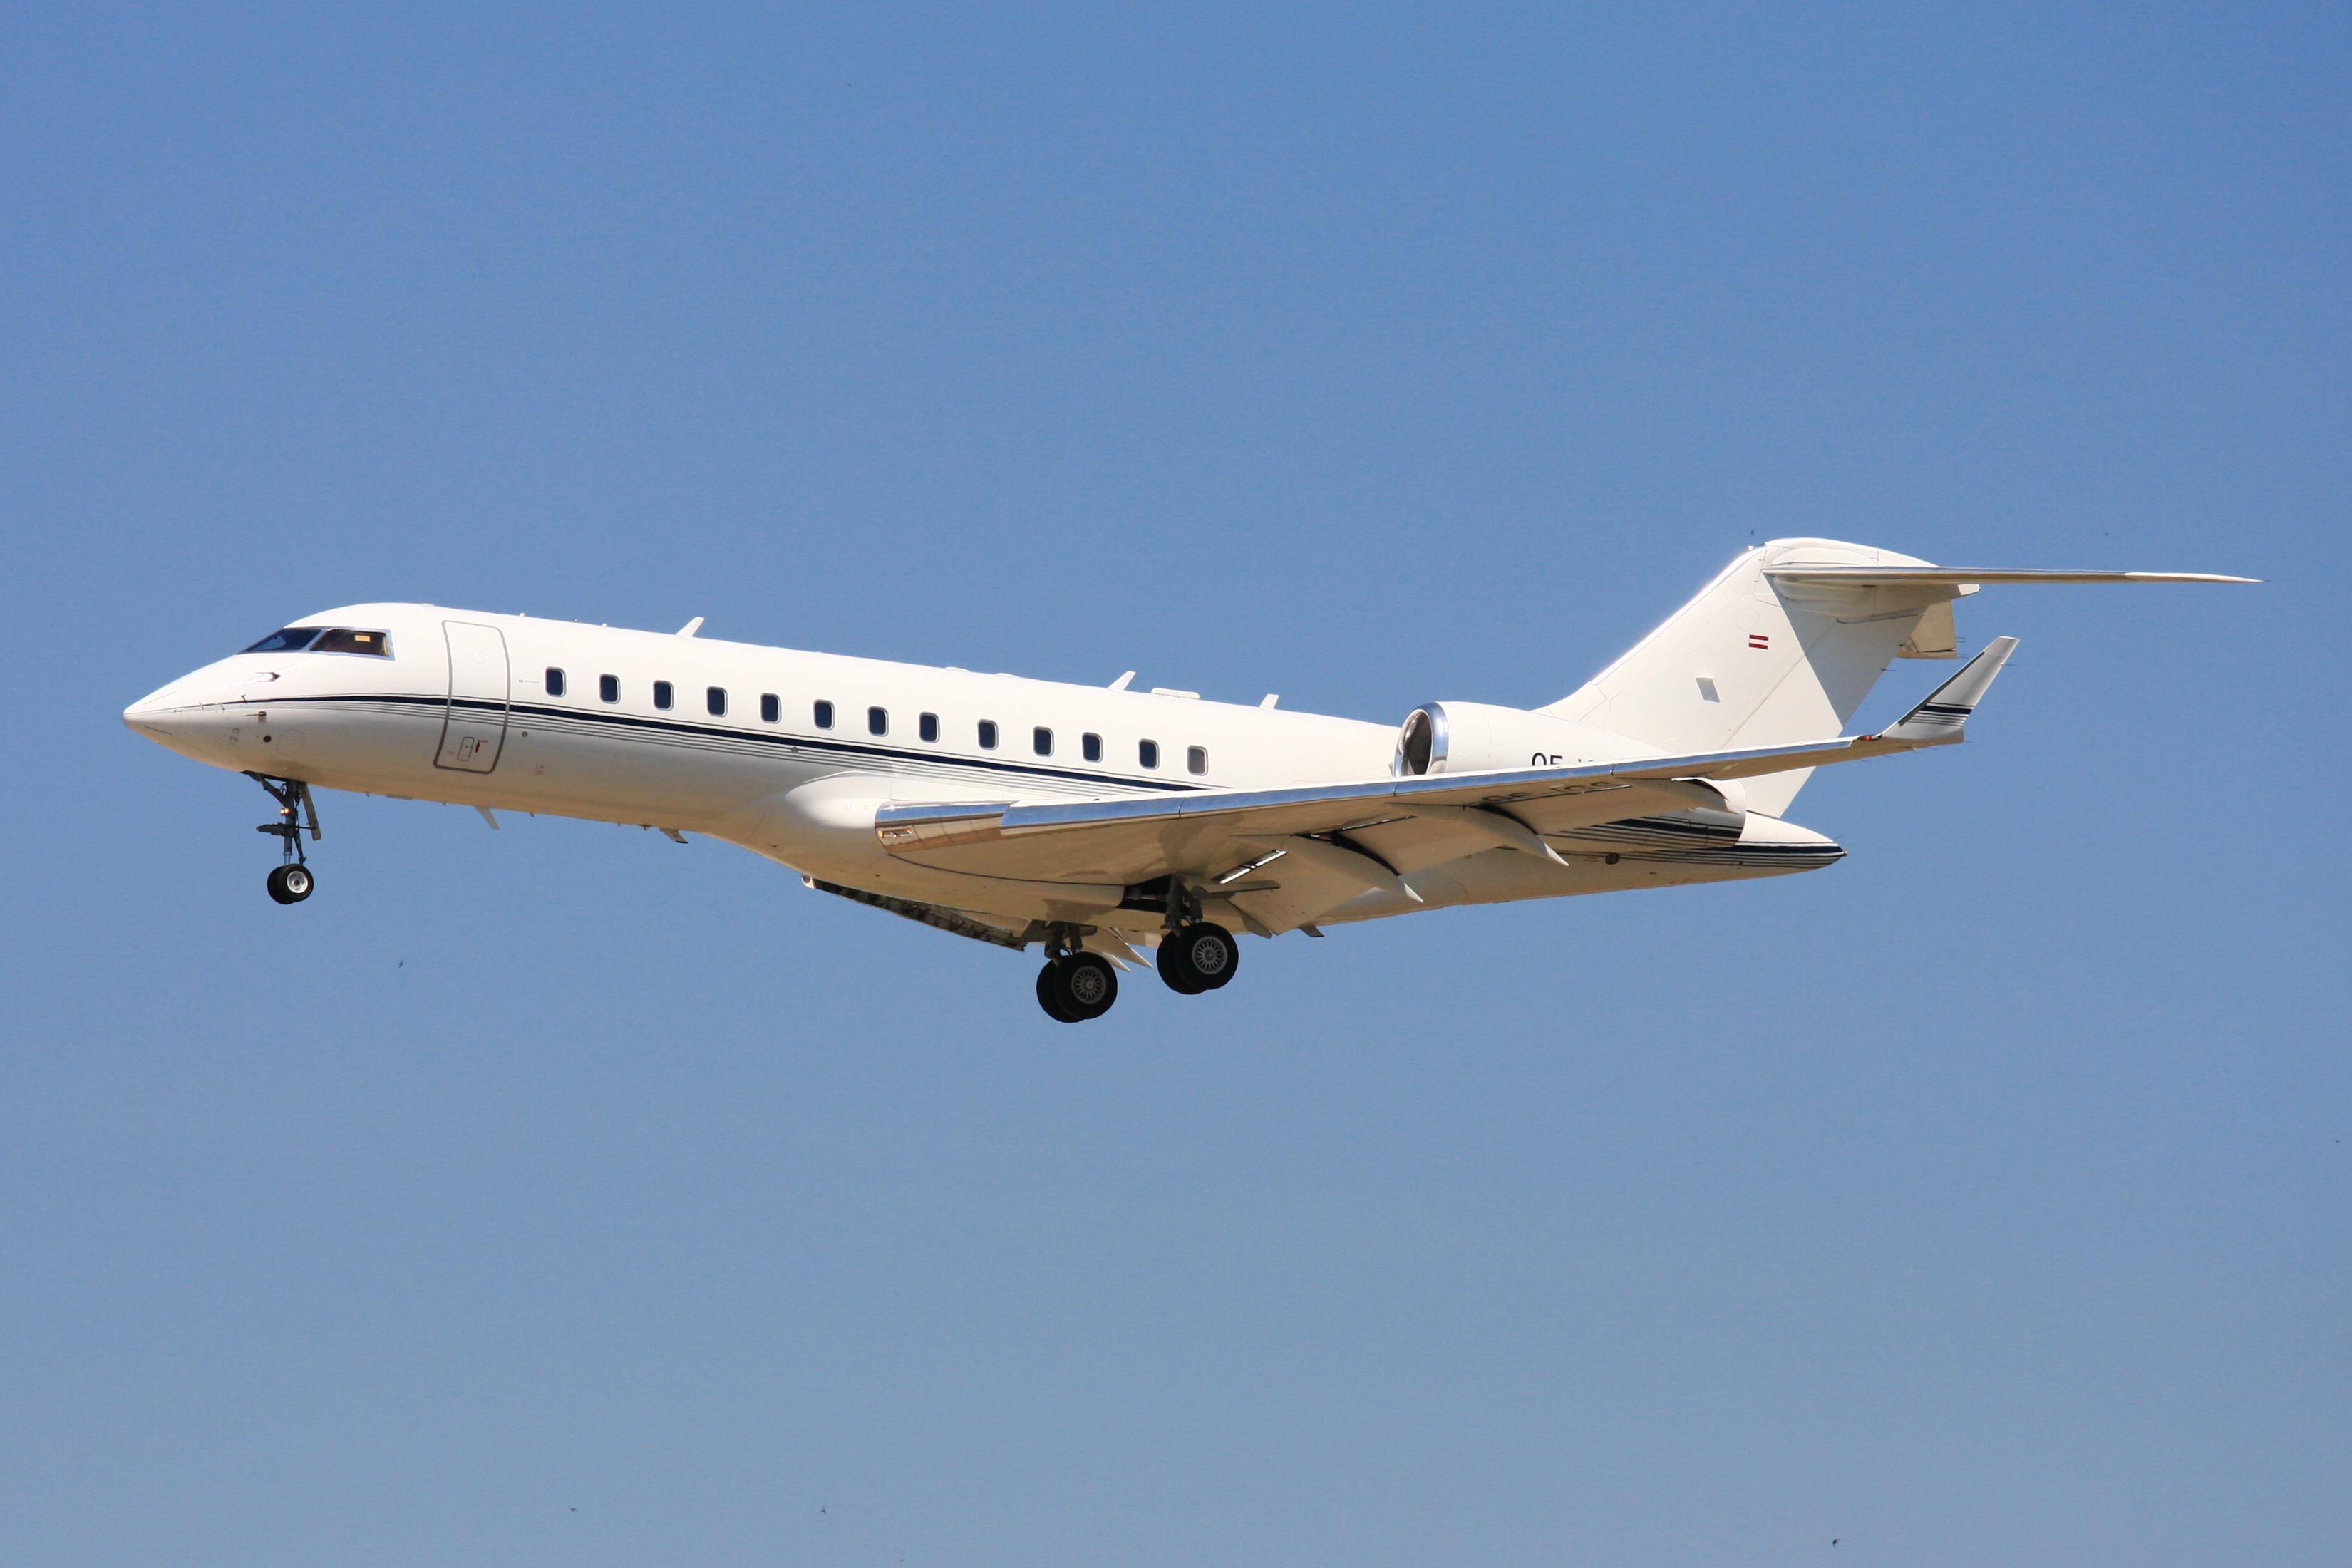 En Bombardier Global Express. Foto: Wo st 01, CC 3.0